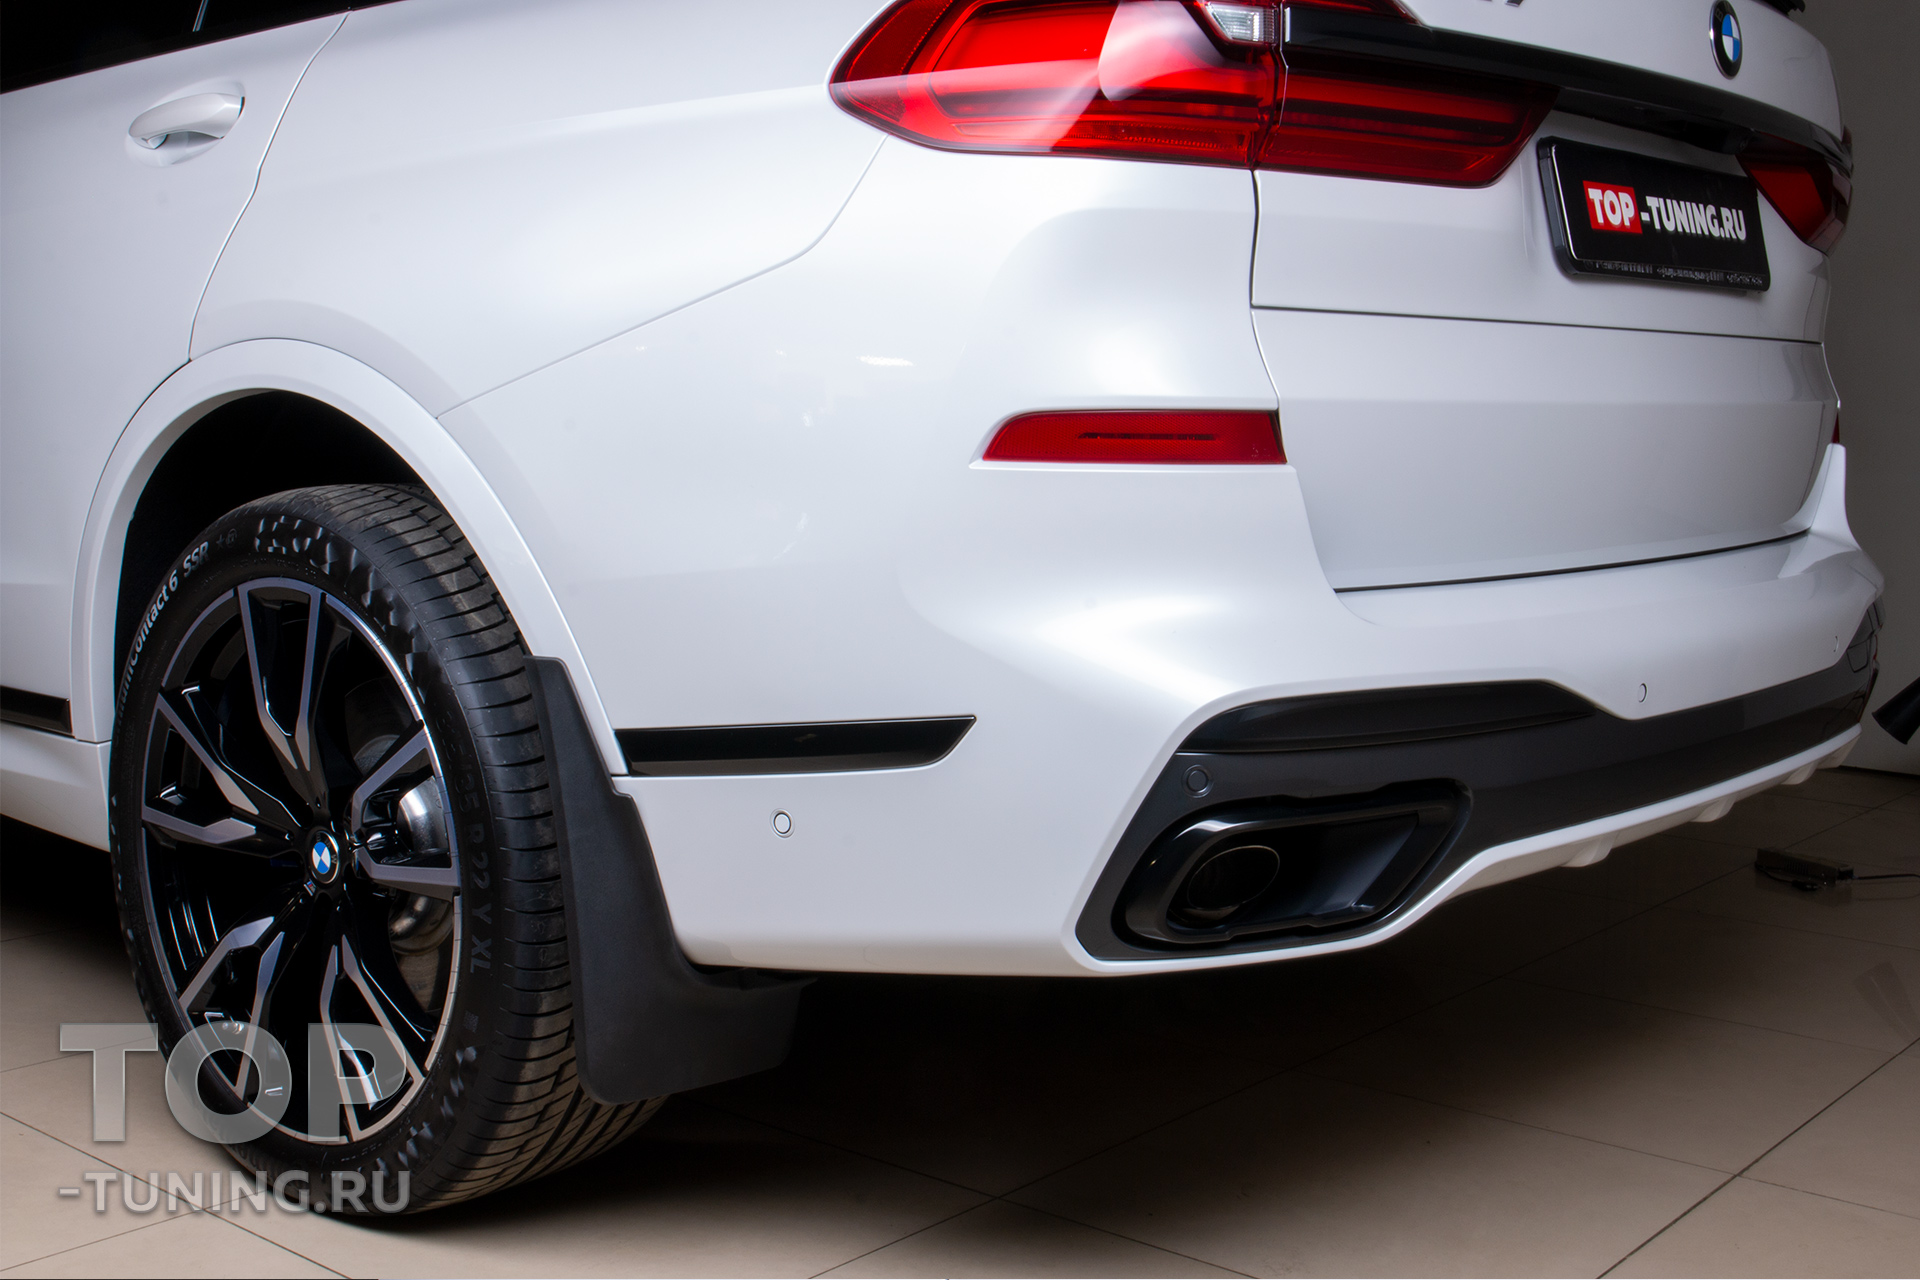 Брызговики на автомобиль - Установка (BMW X7 G07)